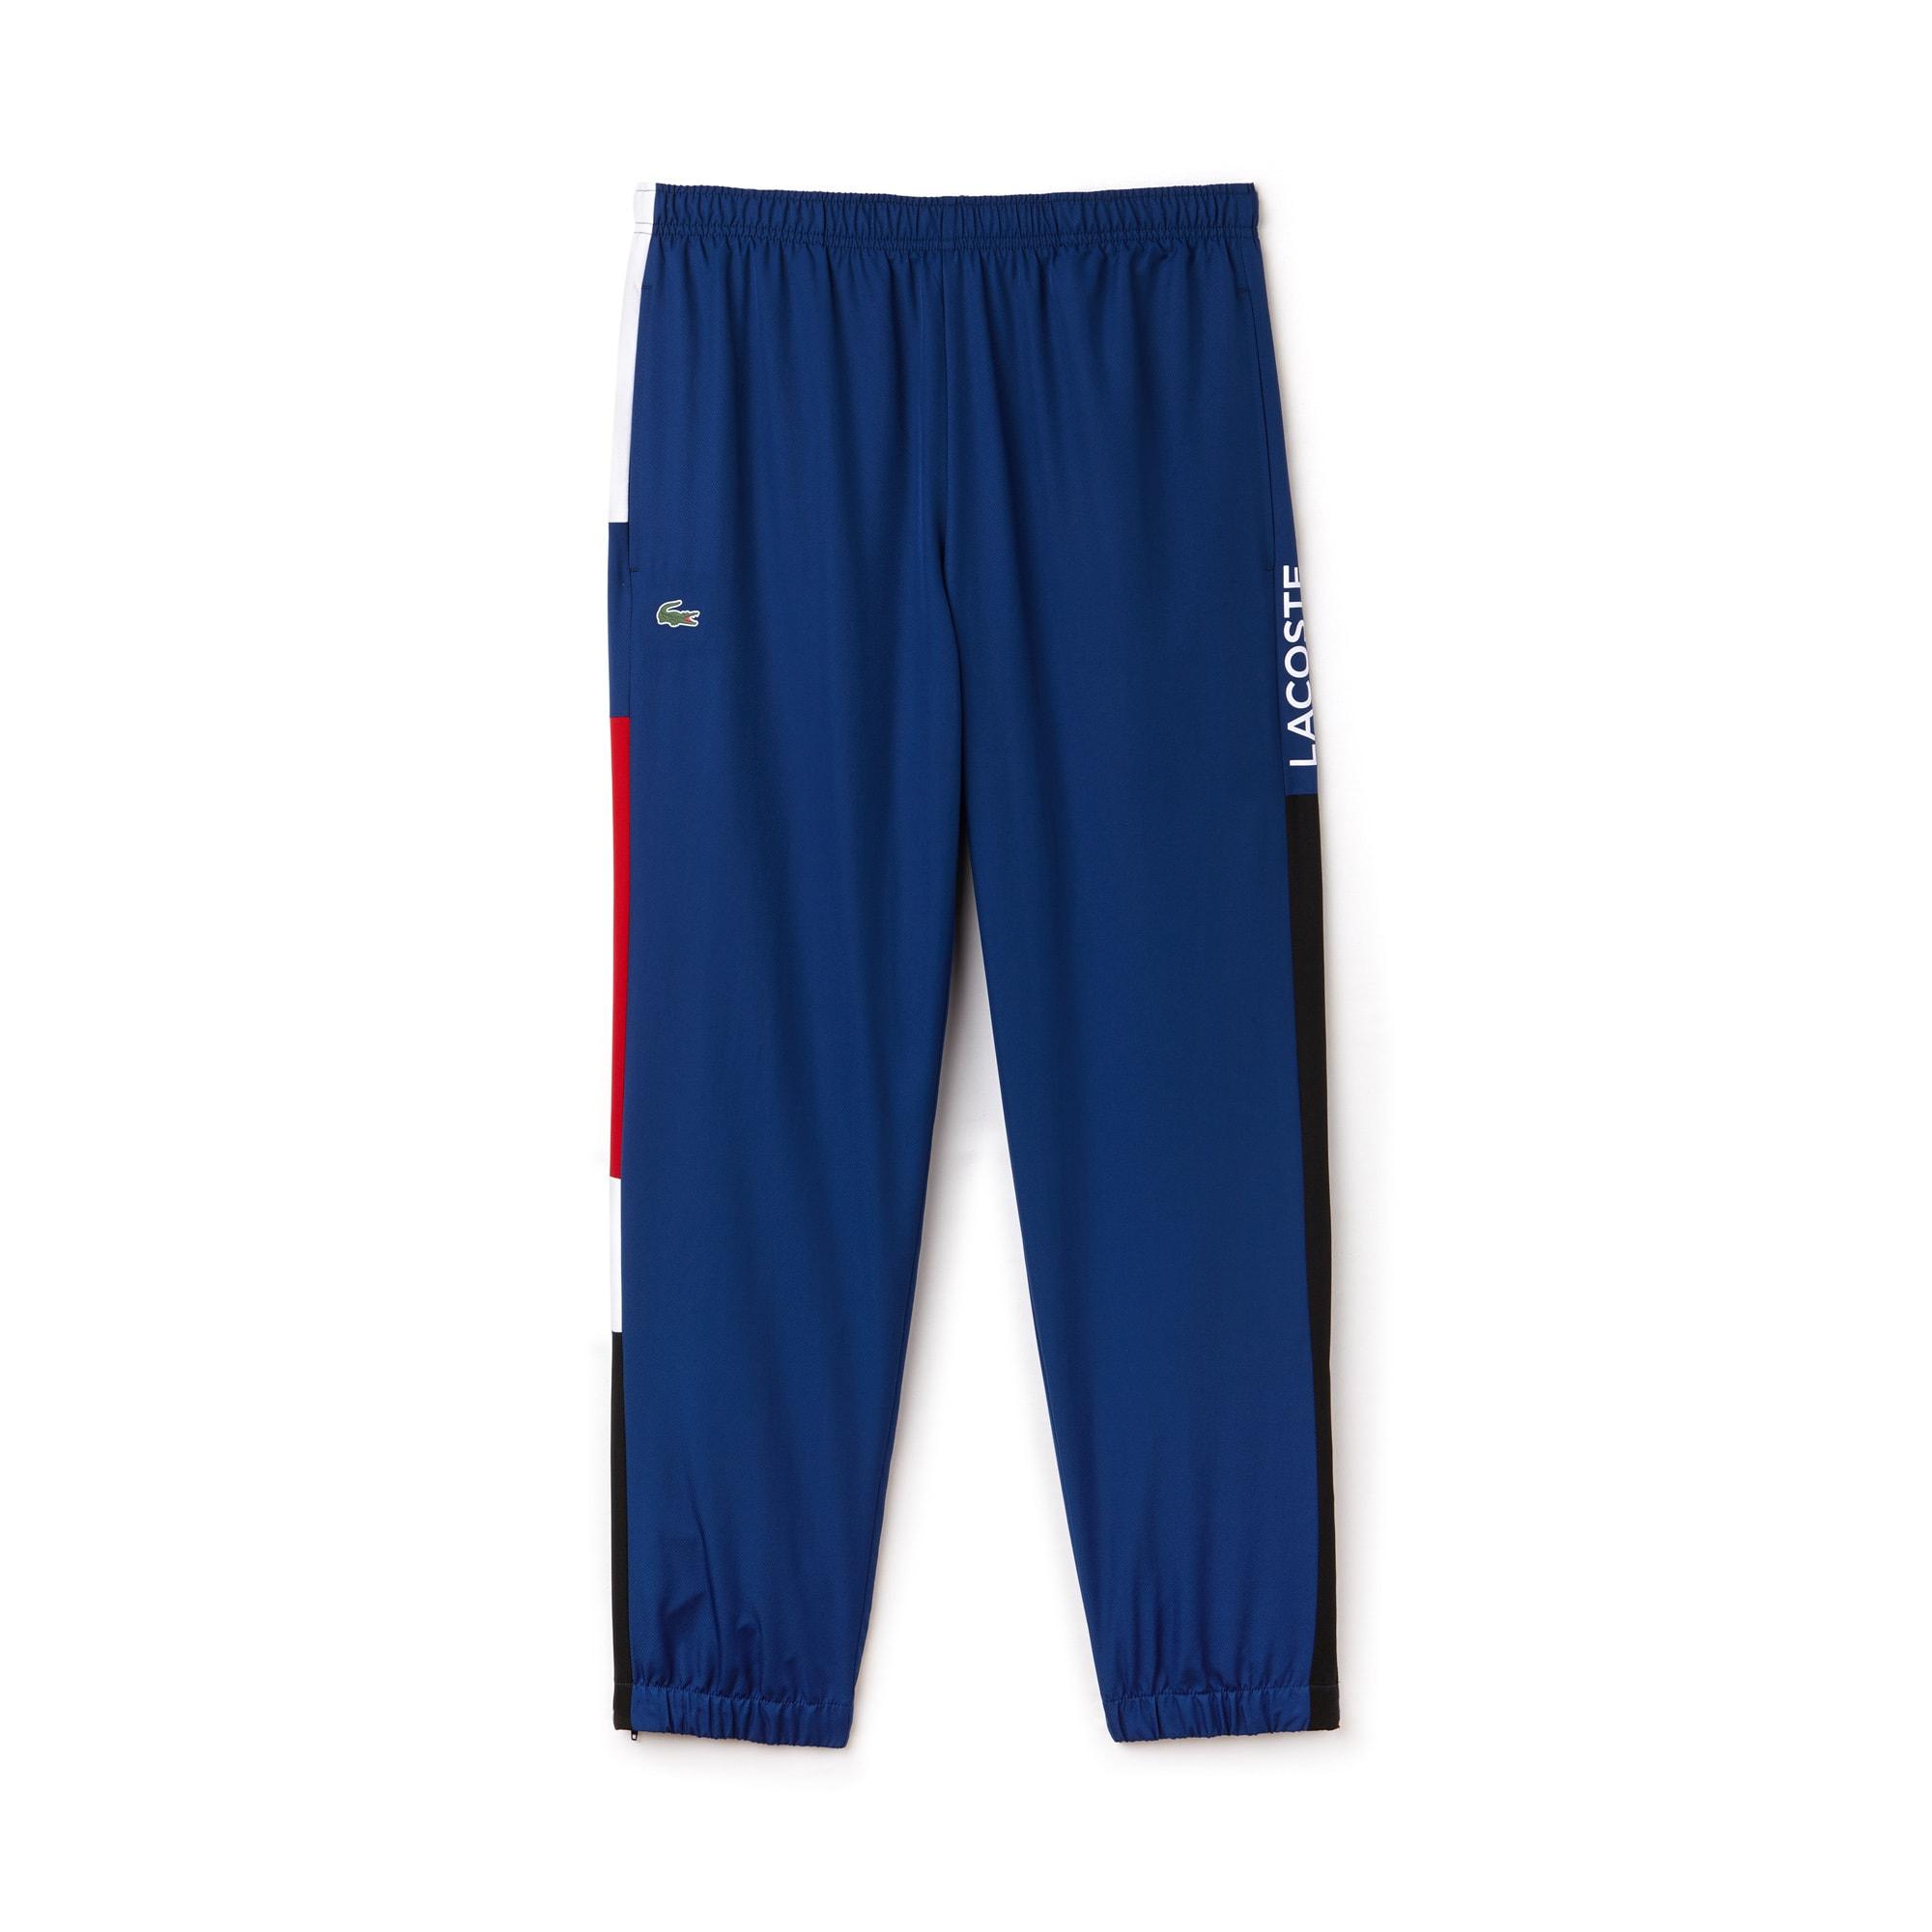 Pantalón de chándal Tenis Lacoste SPORT con franja color block